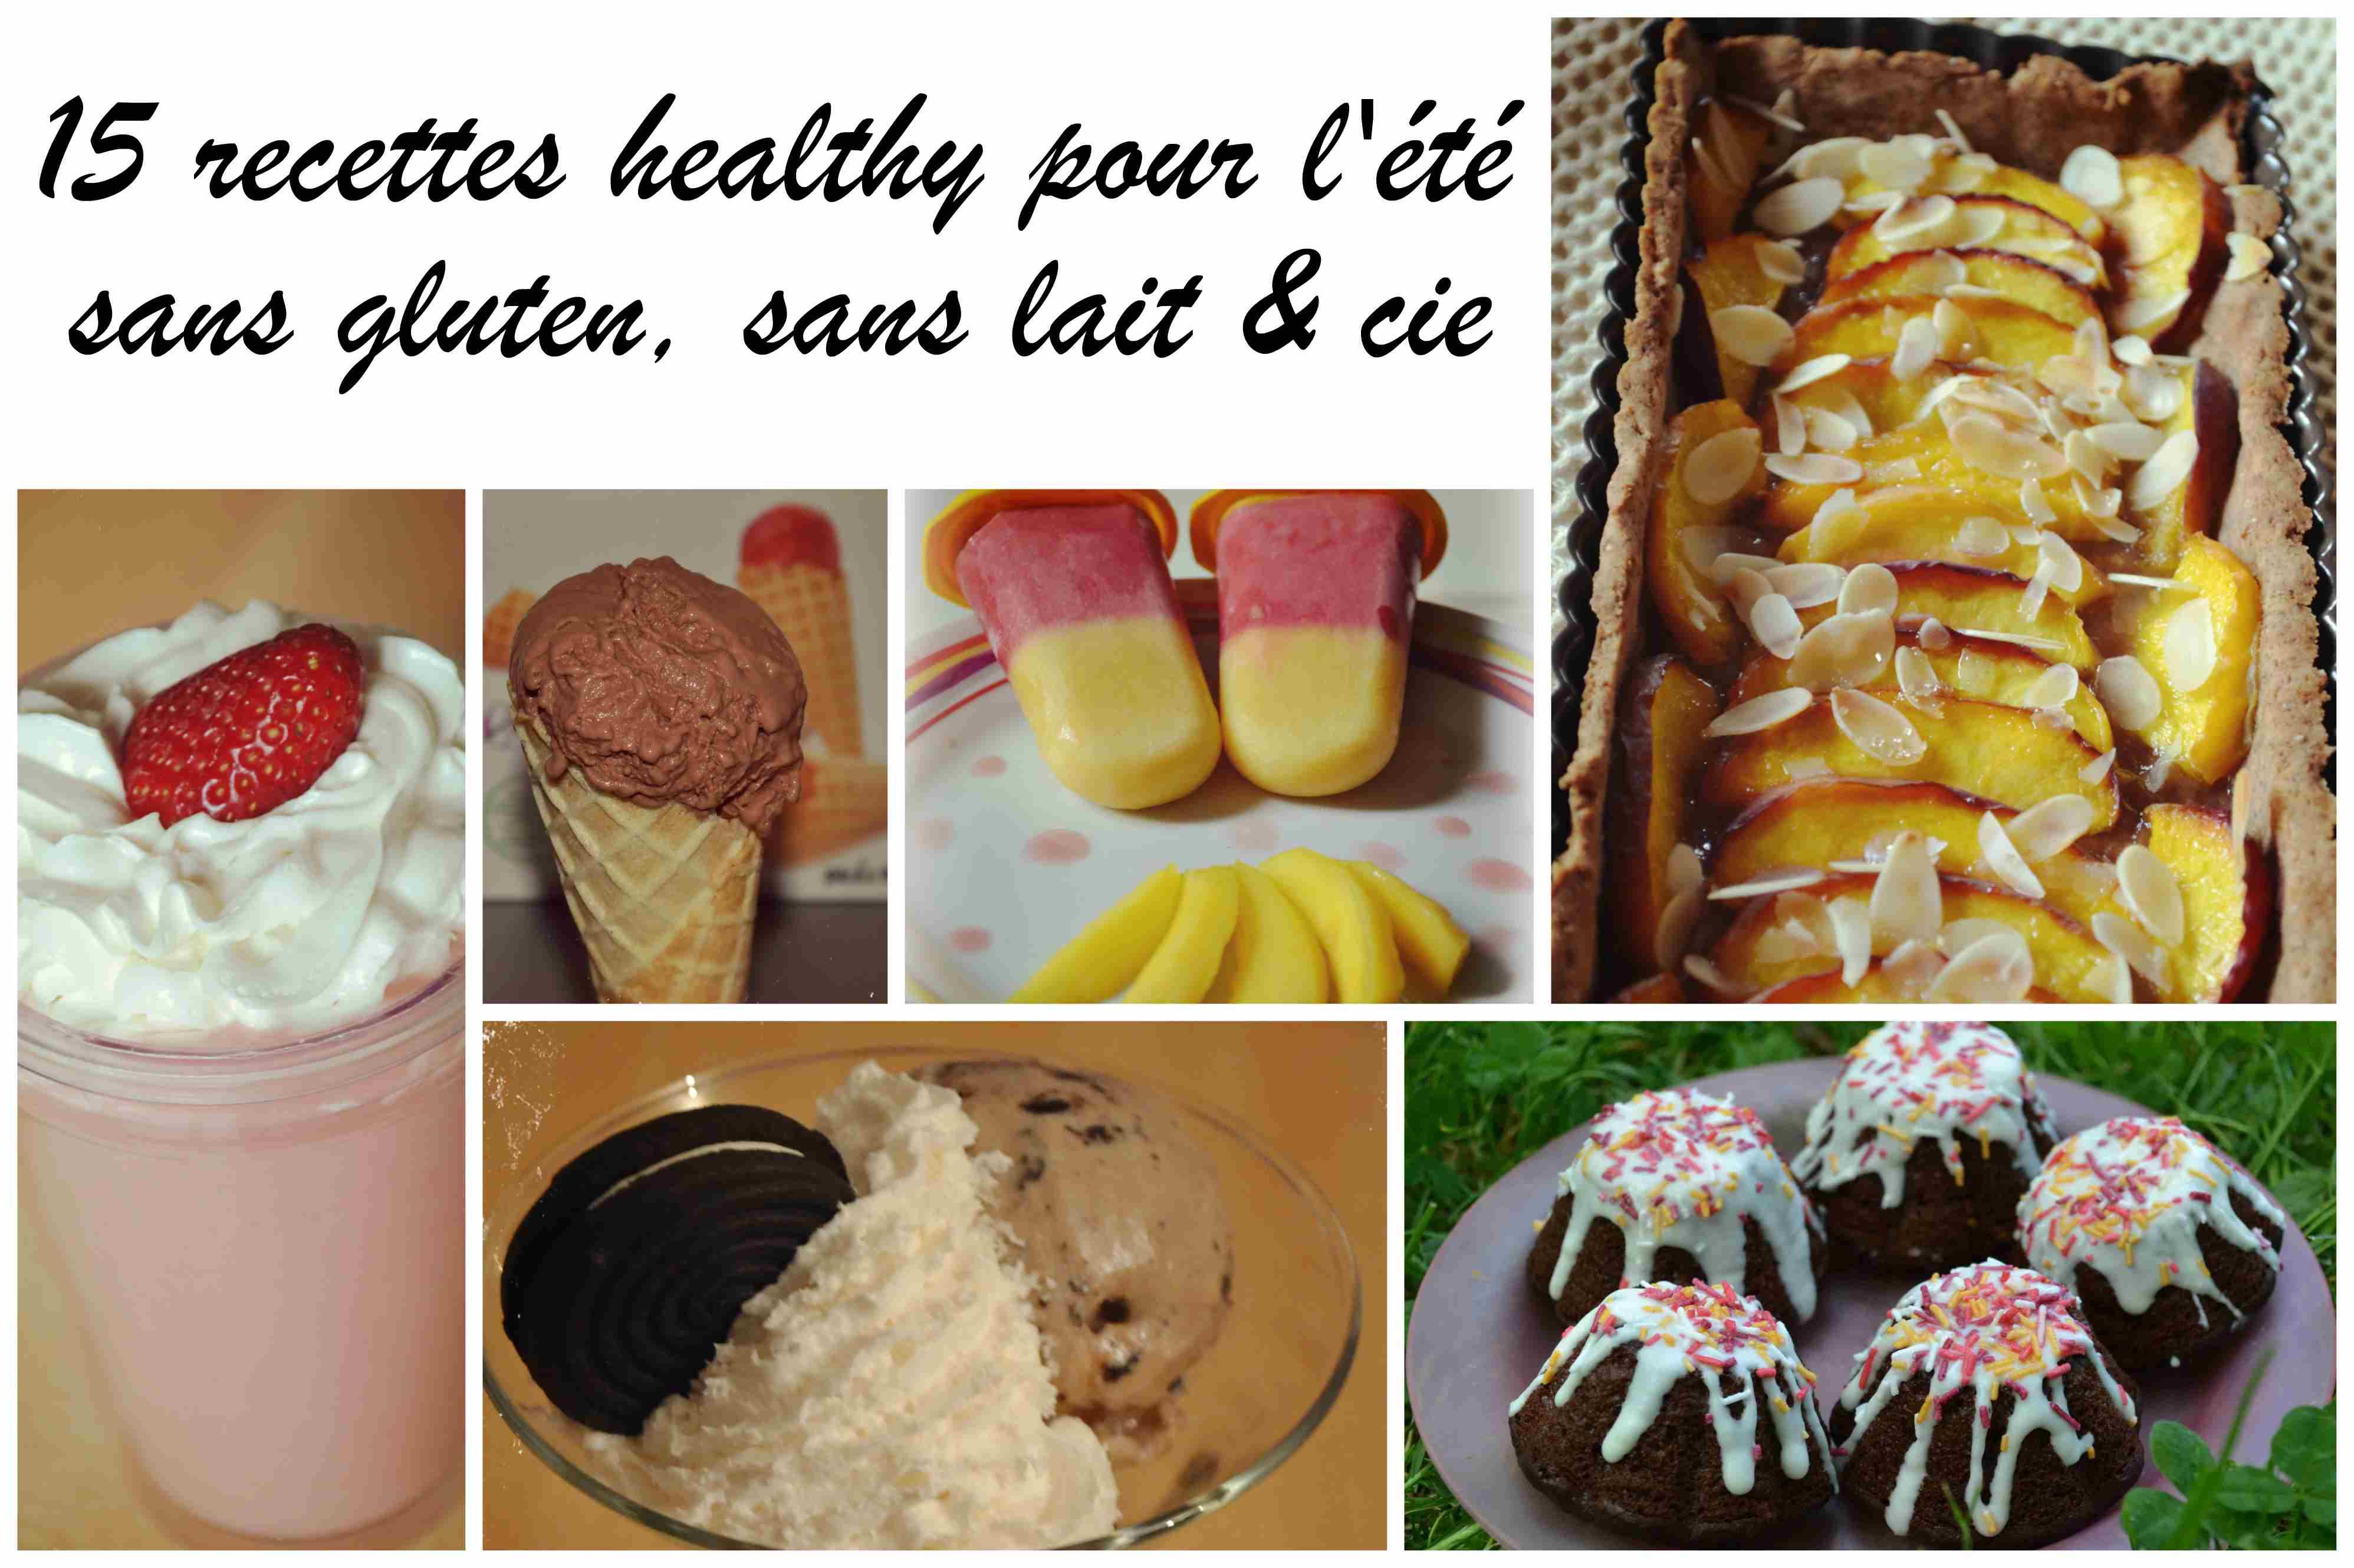 15 recettes sans gluten, sans lait (sans lactose ni PLV) et sans œuf (vegan)  pour cet été (1/2)